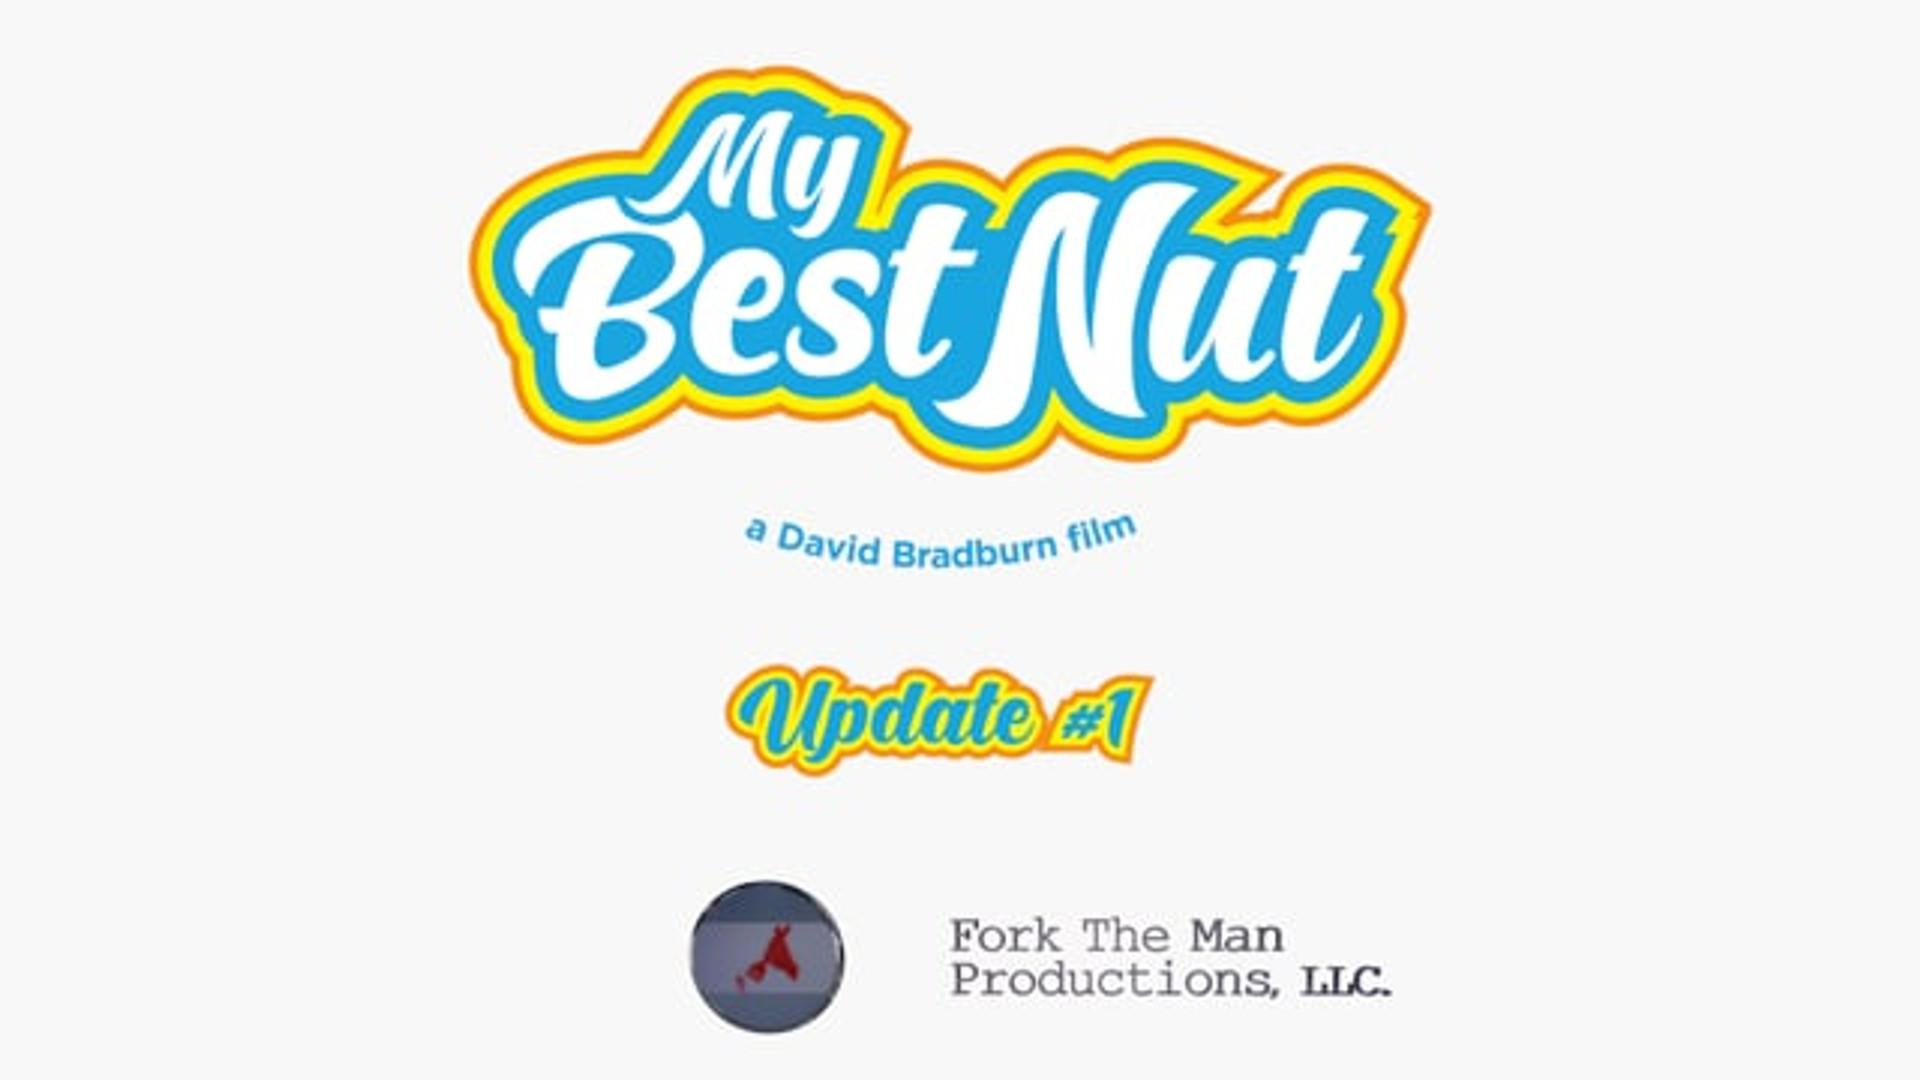 My Best Nut: Update 01